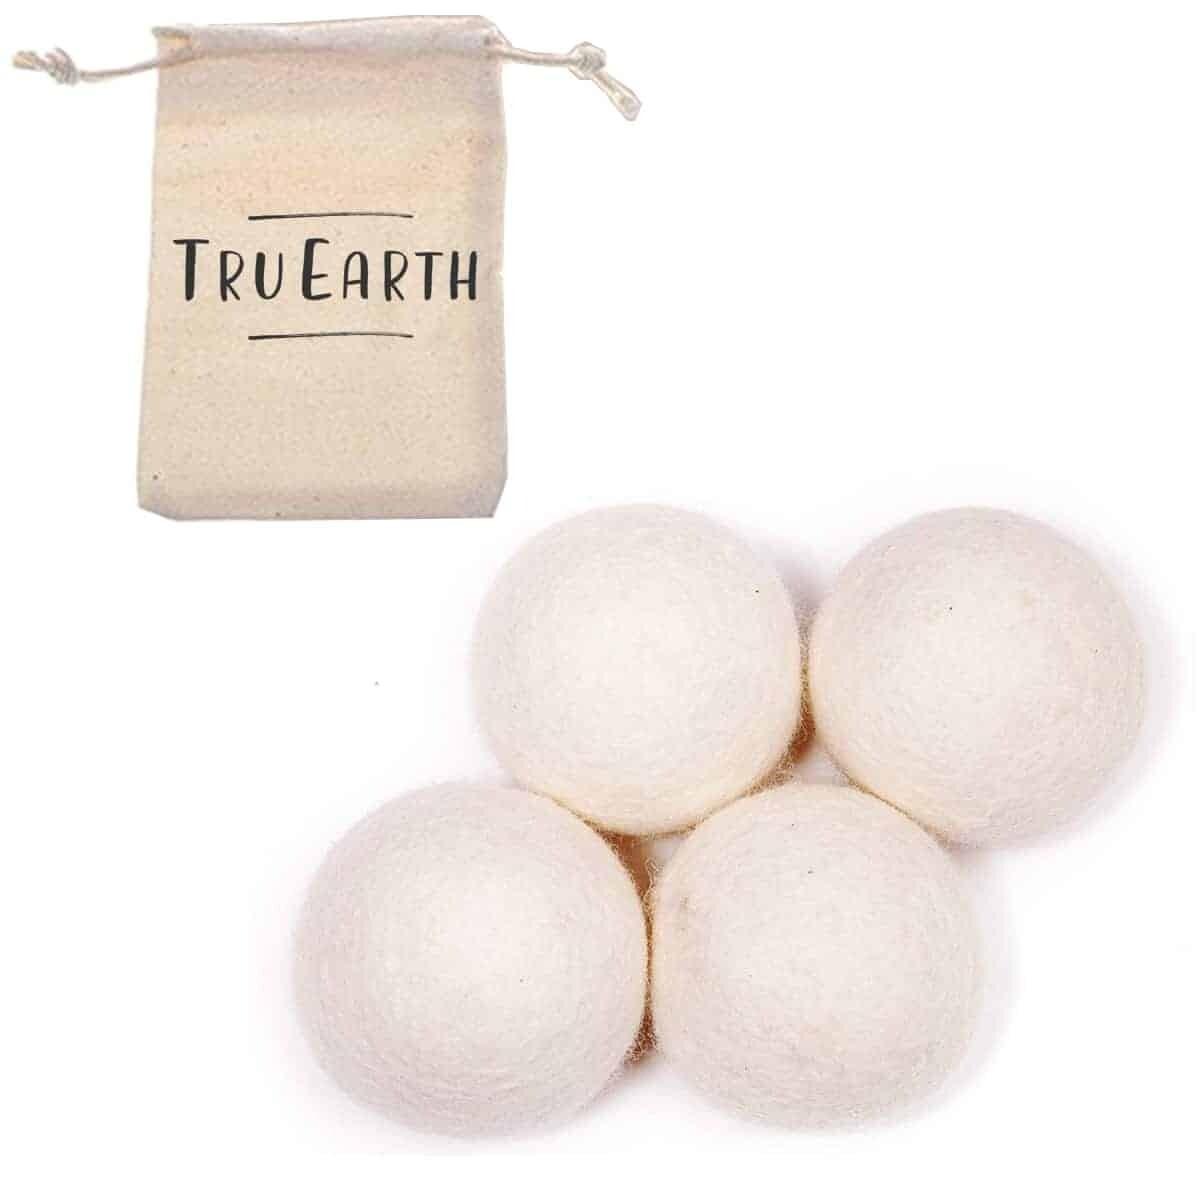 Tru Earth - 4pk Wool Dryer Balls